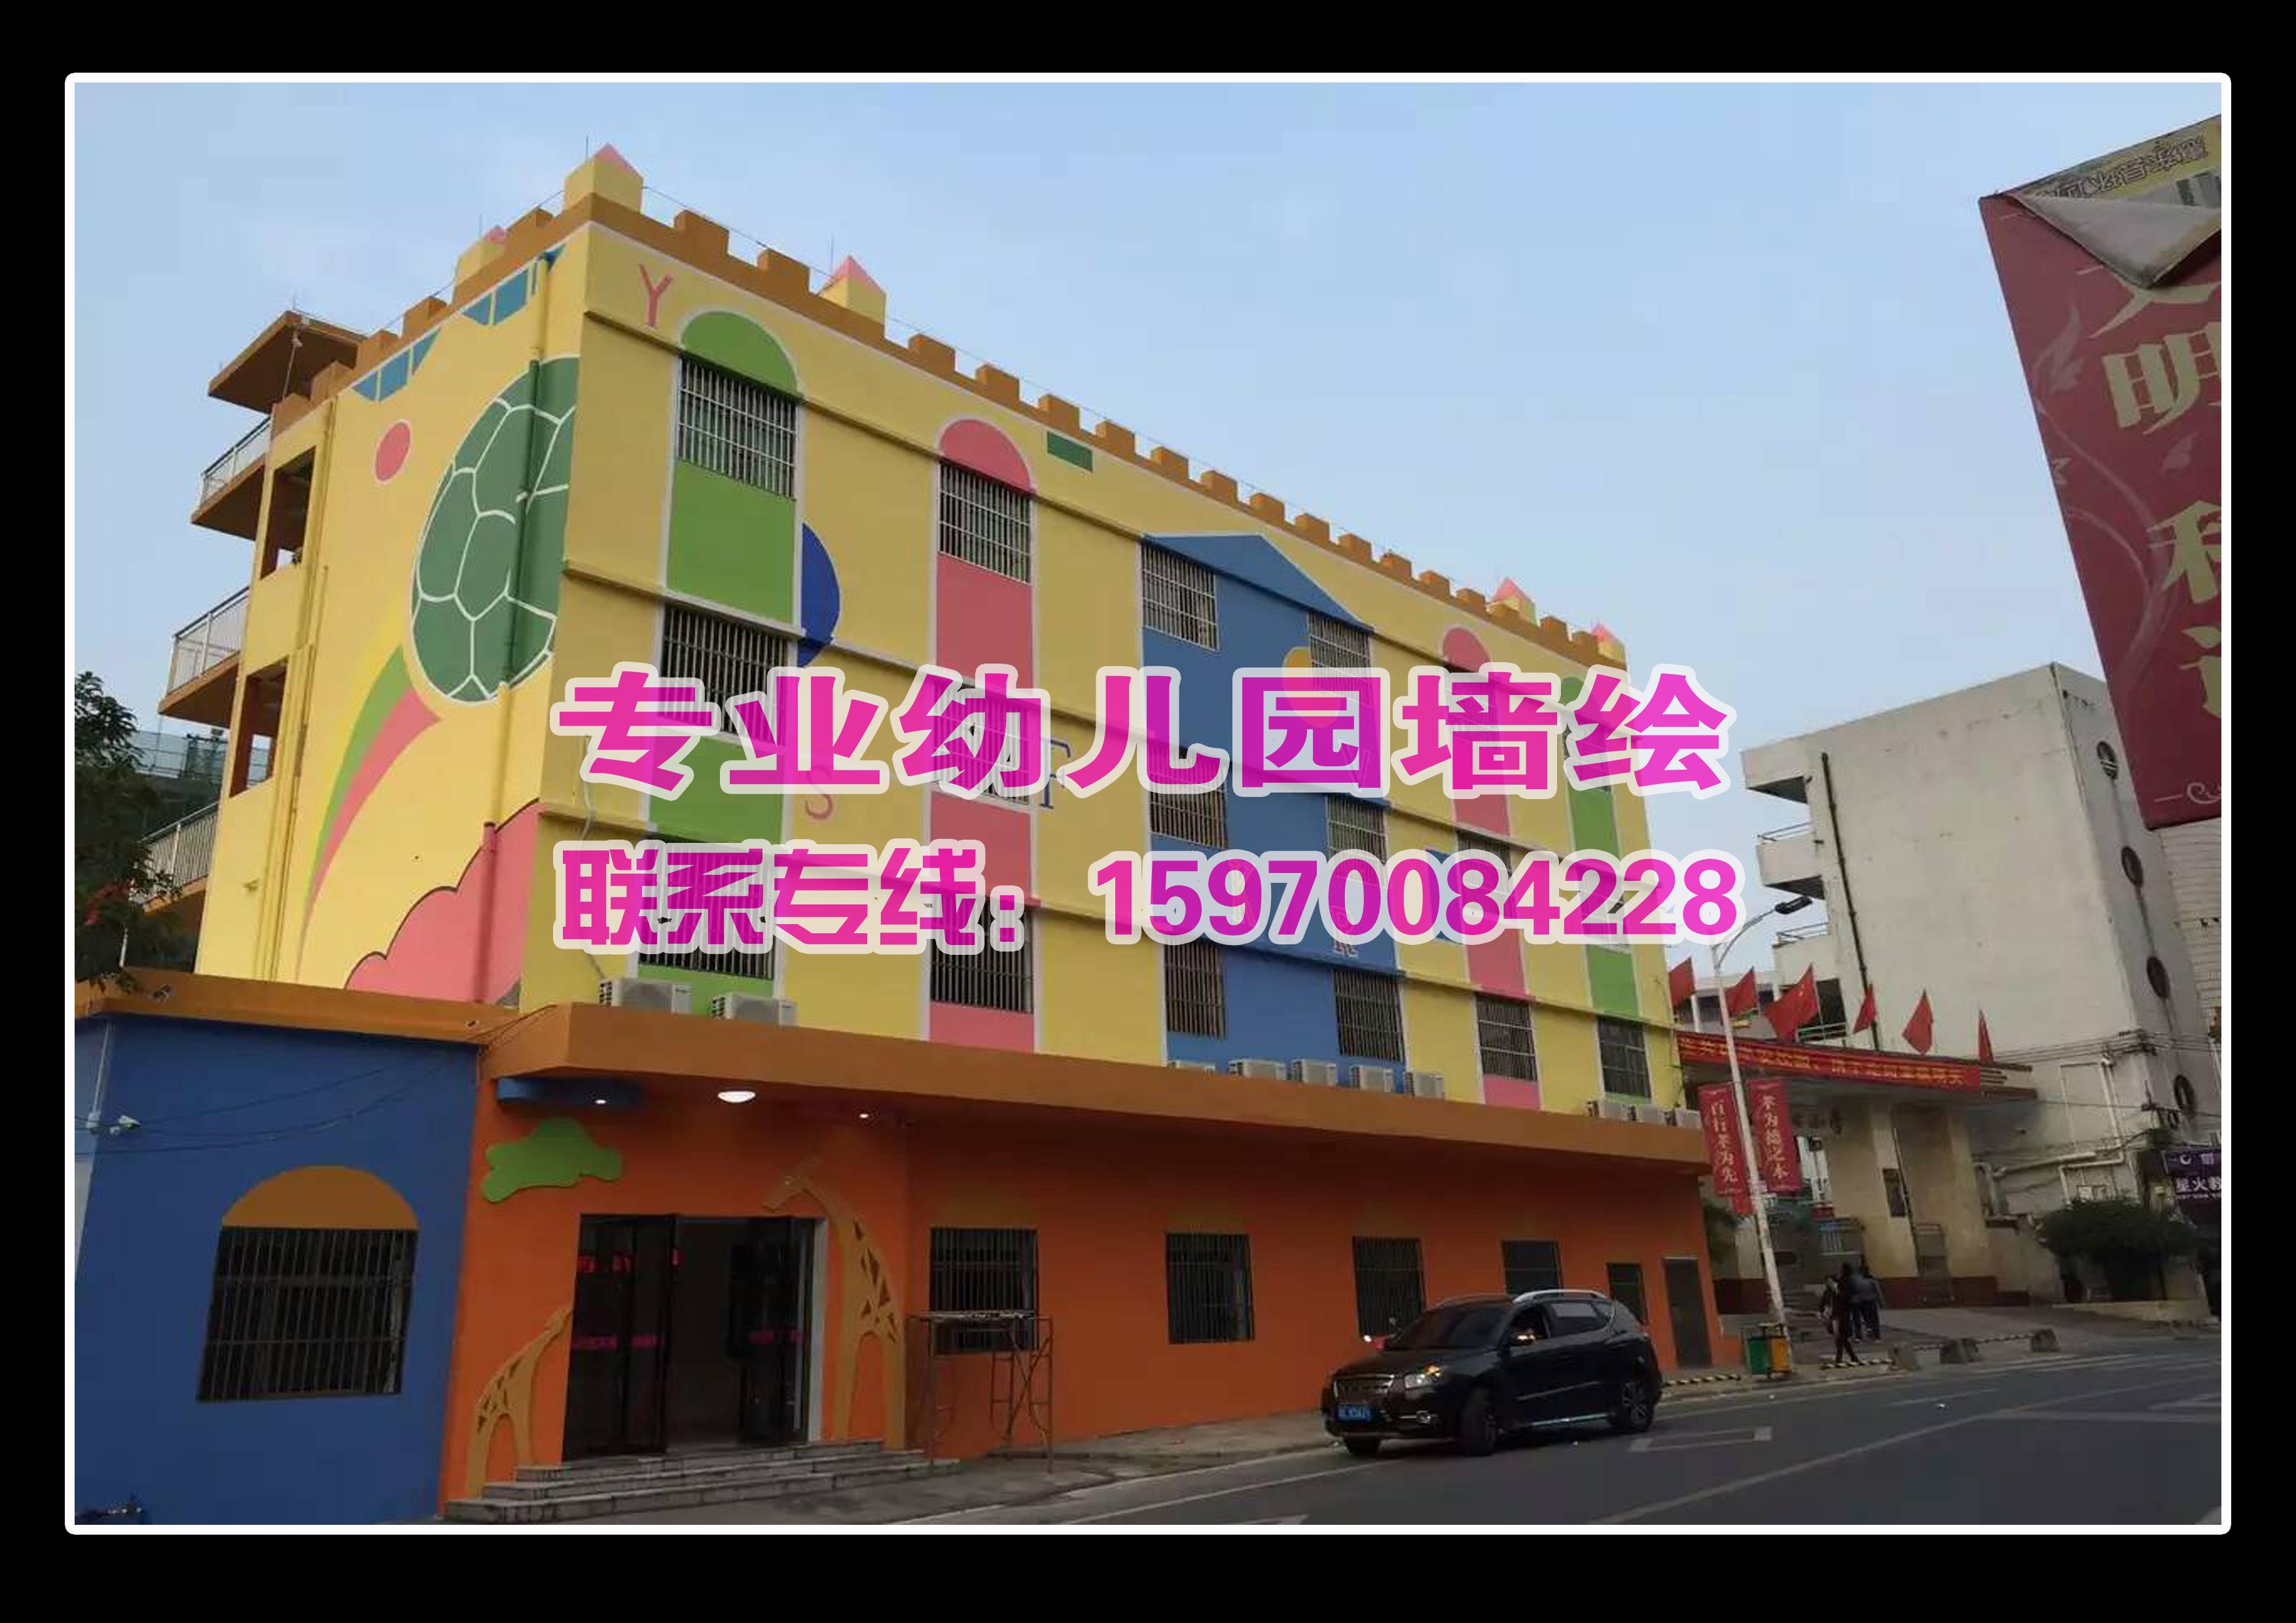 赣州专业幼儿园墙面喷画彩绘公司幼儿园外墙彩绘设计